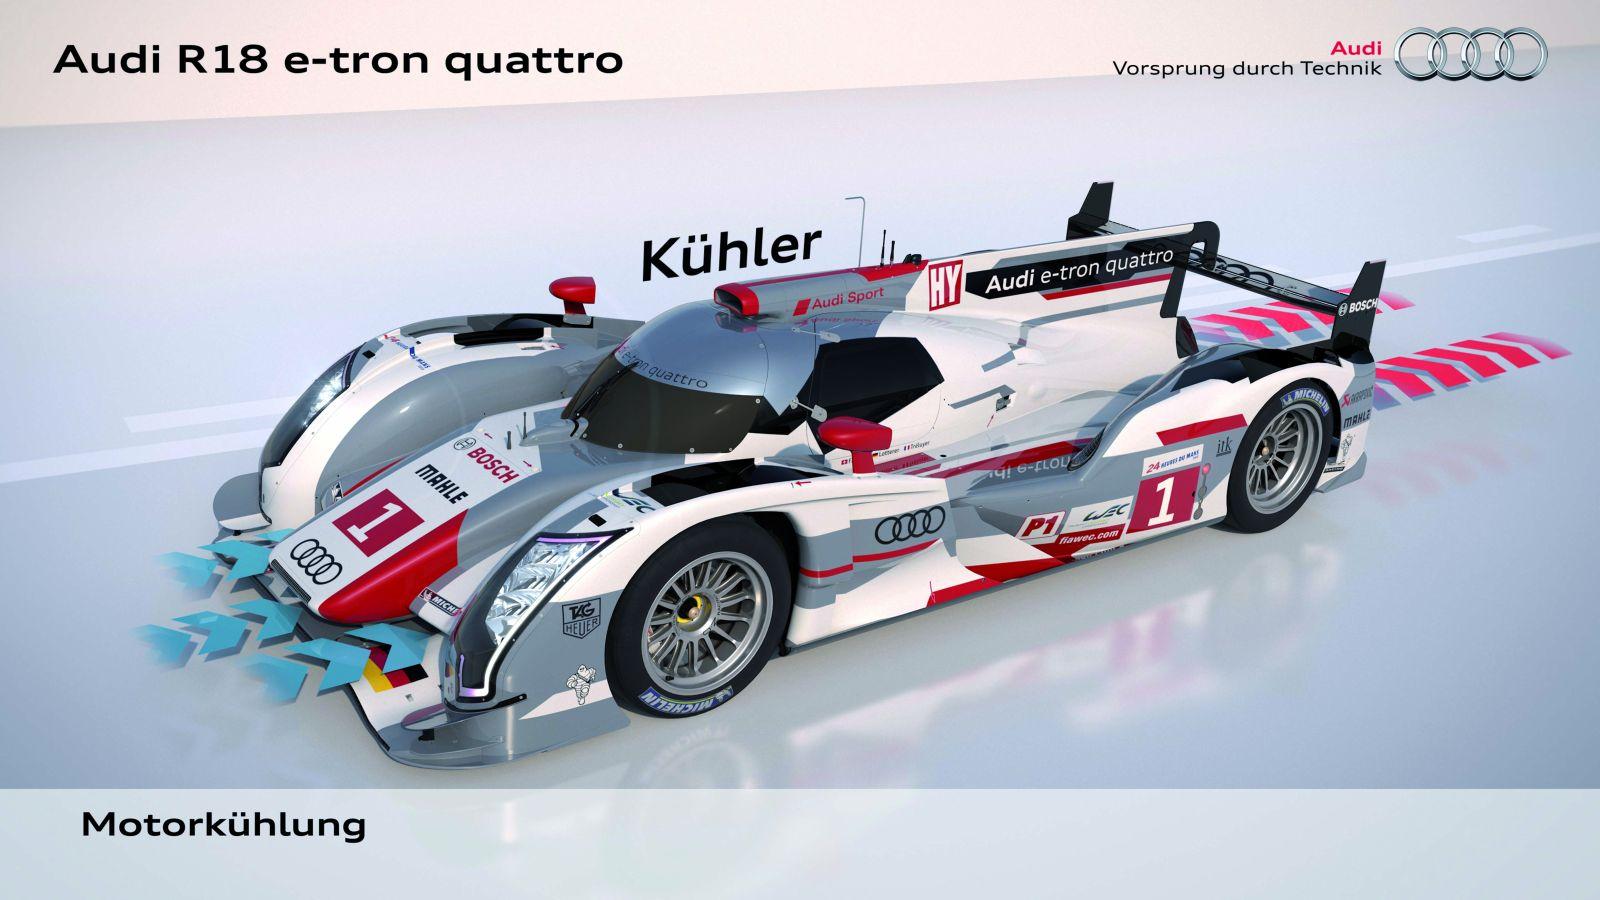 Audi Etron Quattro >> a4e - Gallery Audi R Motorsport - Audi R18 e-tron quattro